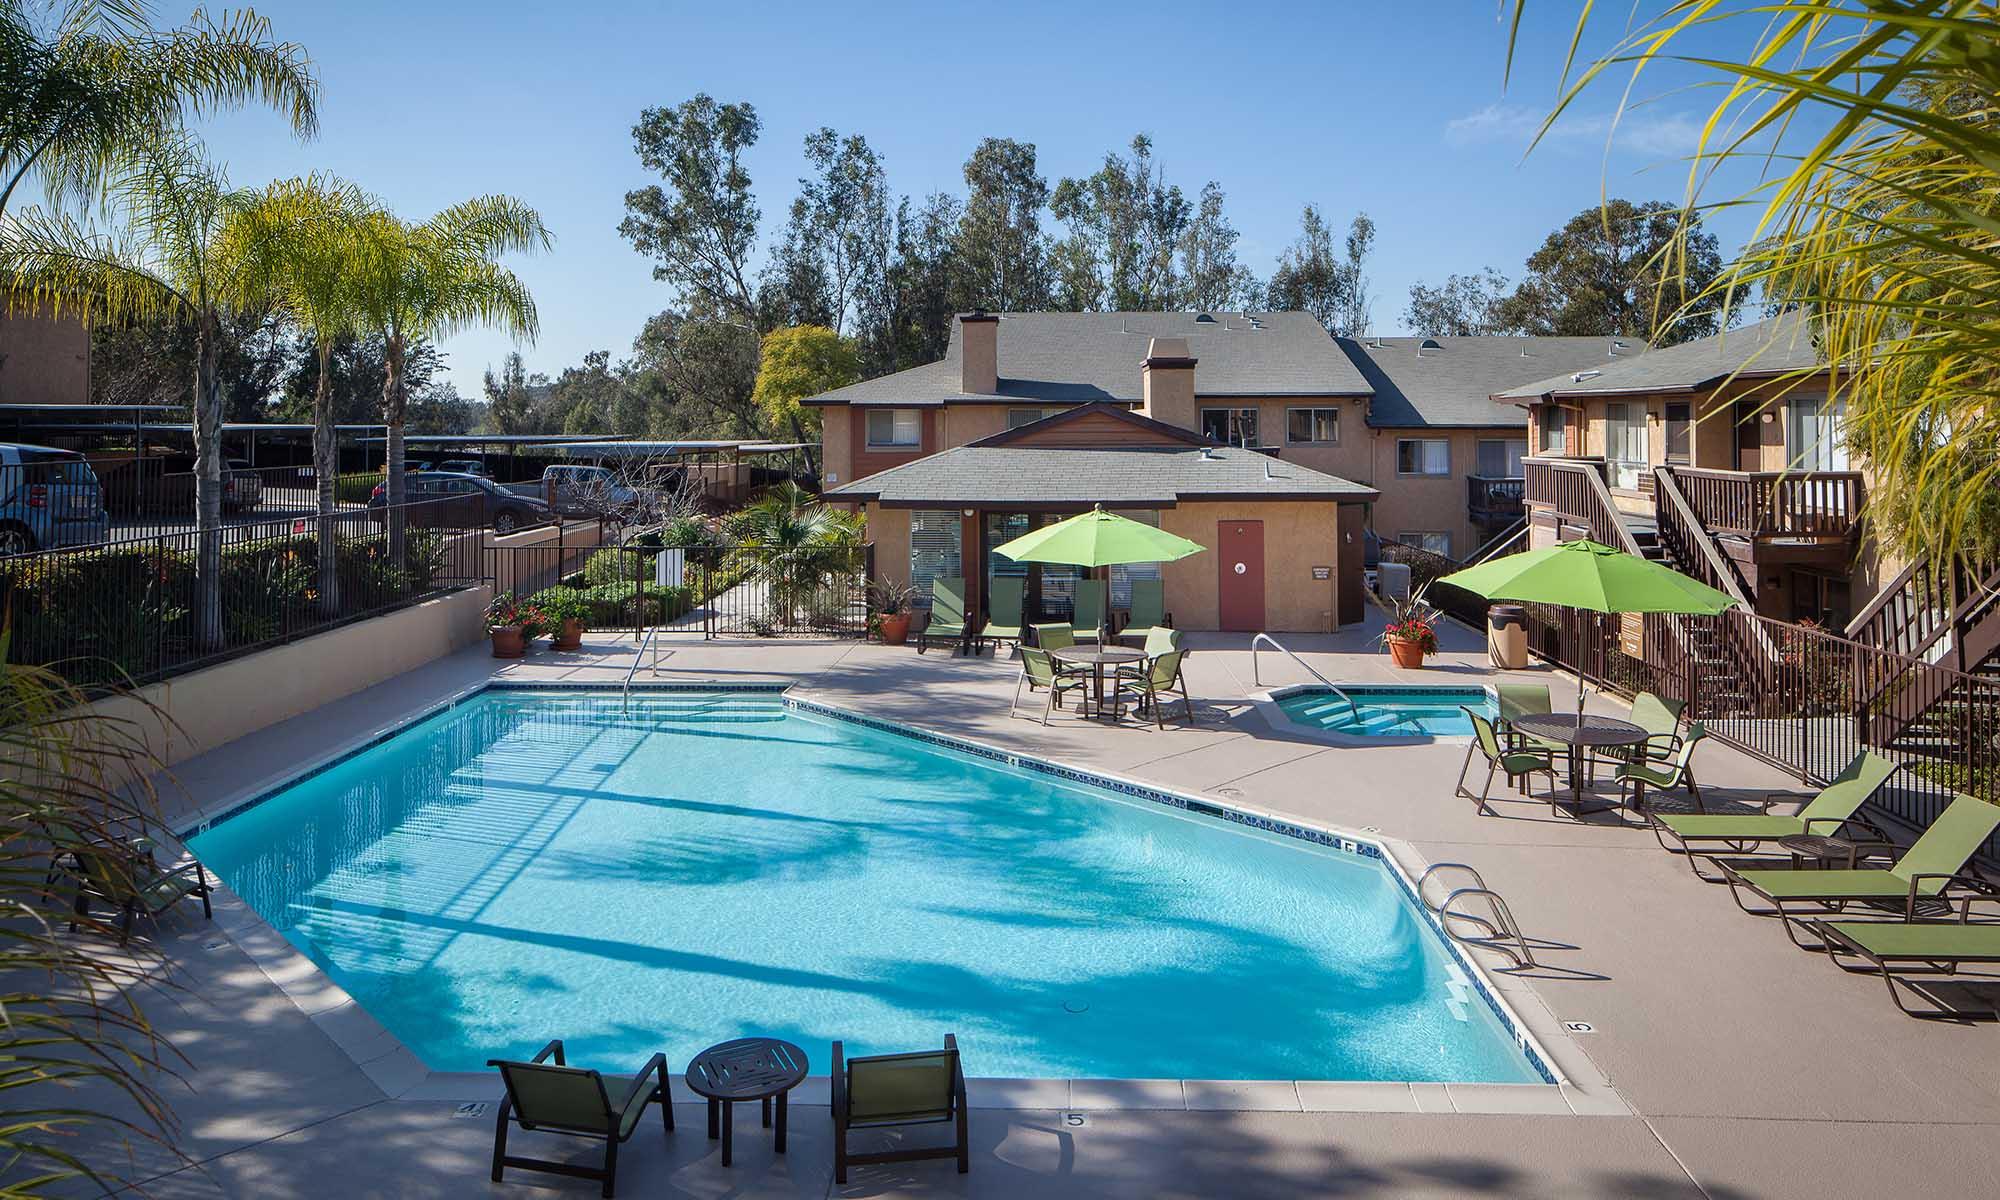 Apartments in Lemon Grove, CA